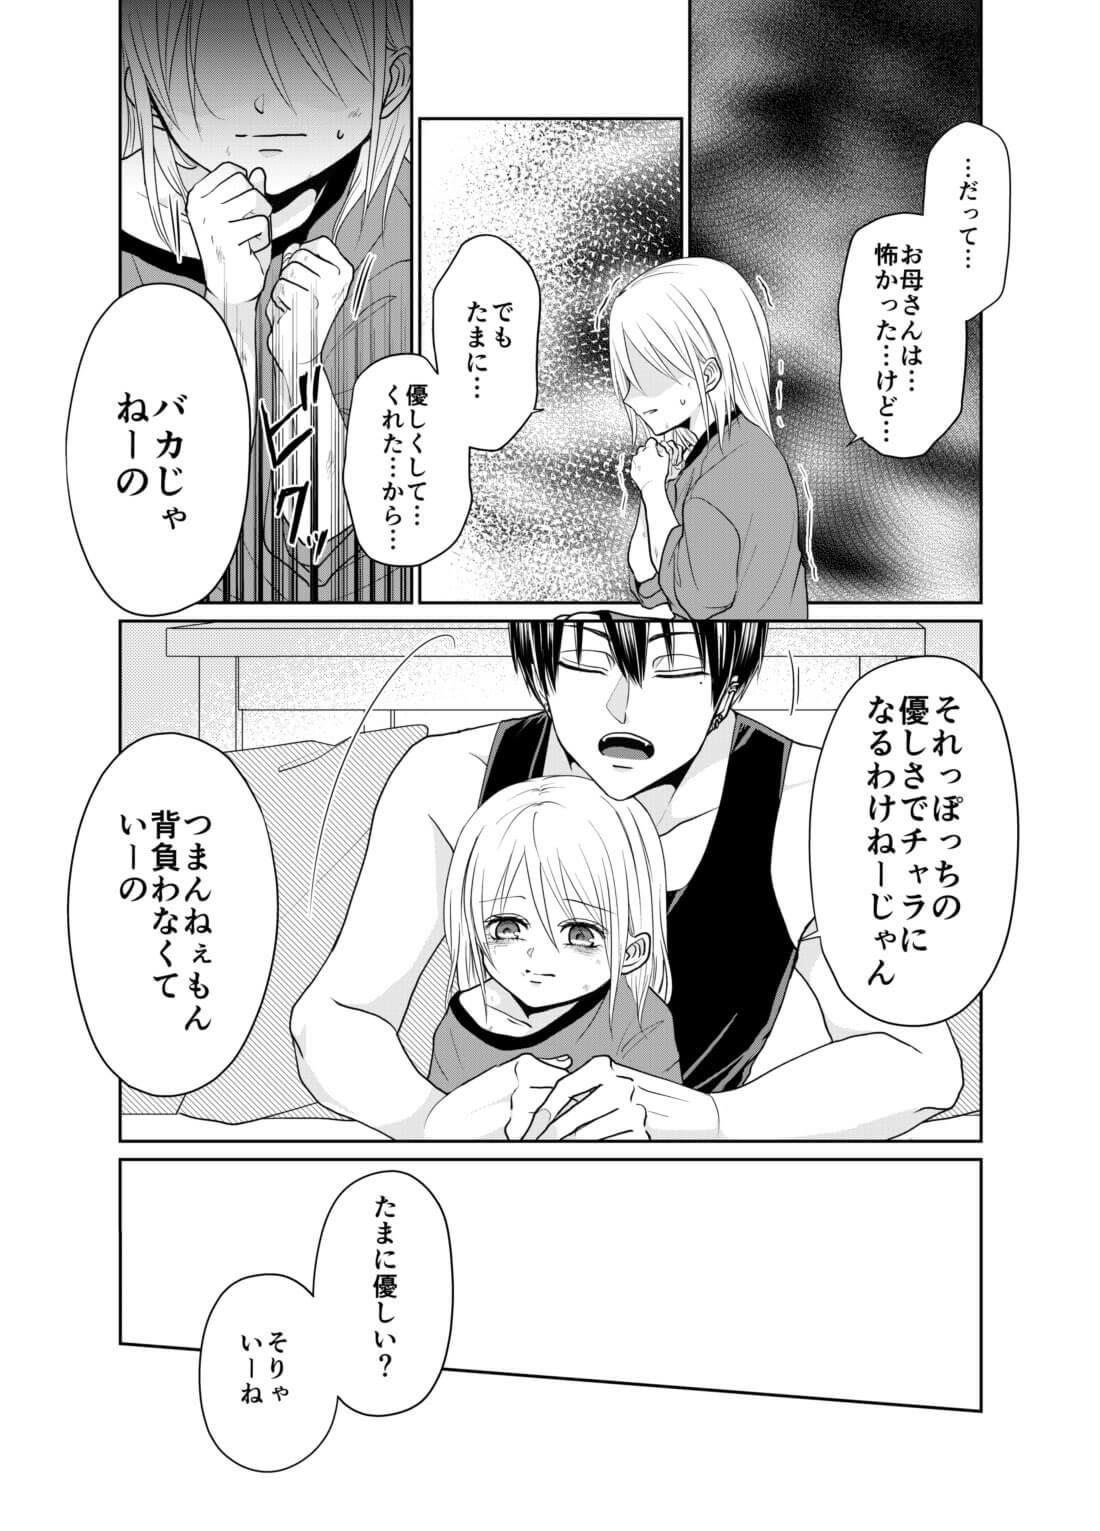 吸血鬼と幼女2-3